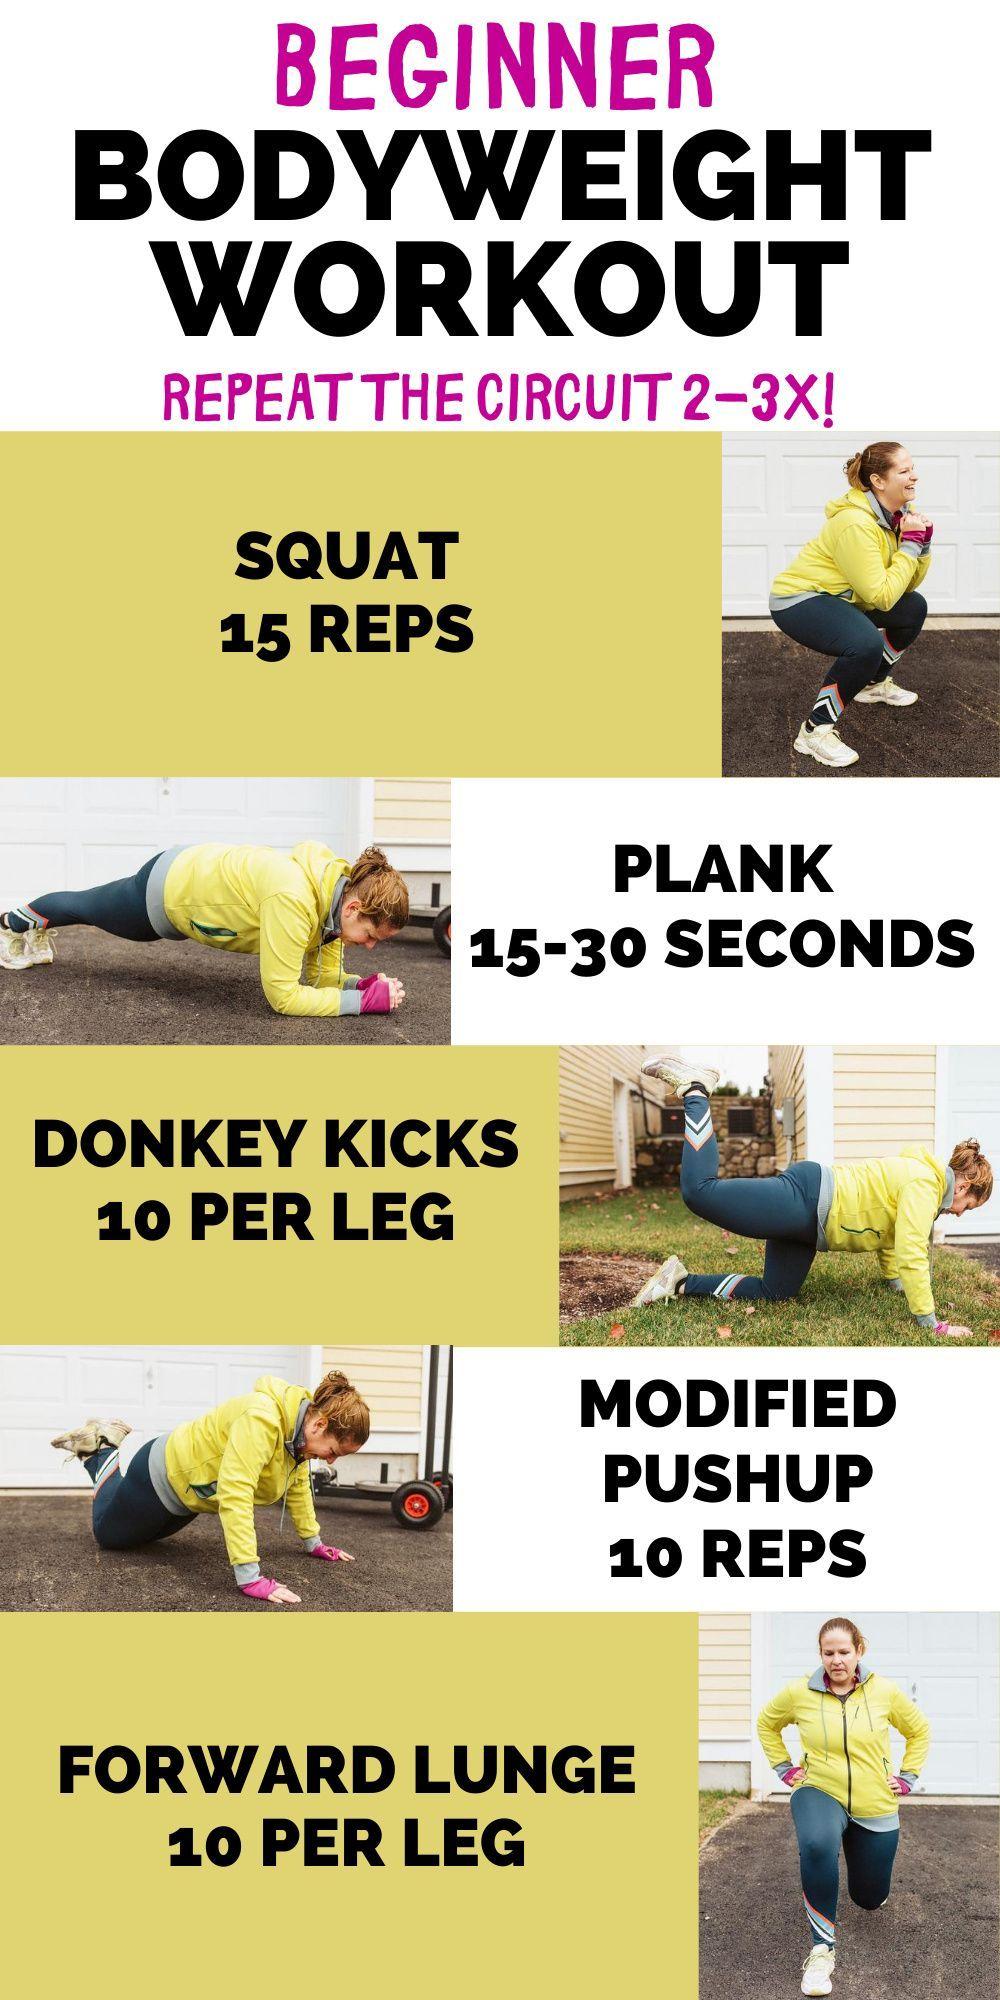 Beginner Bodyweight Workout